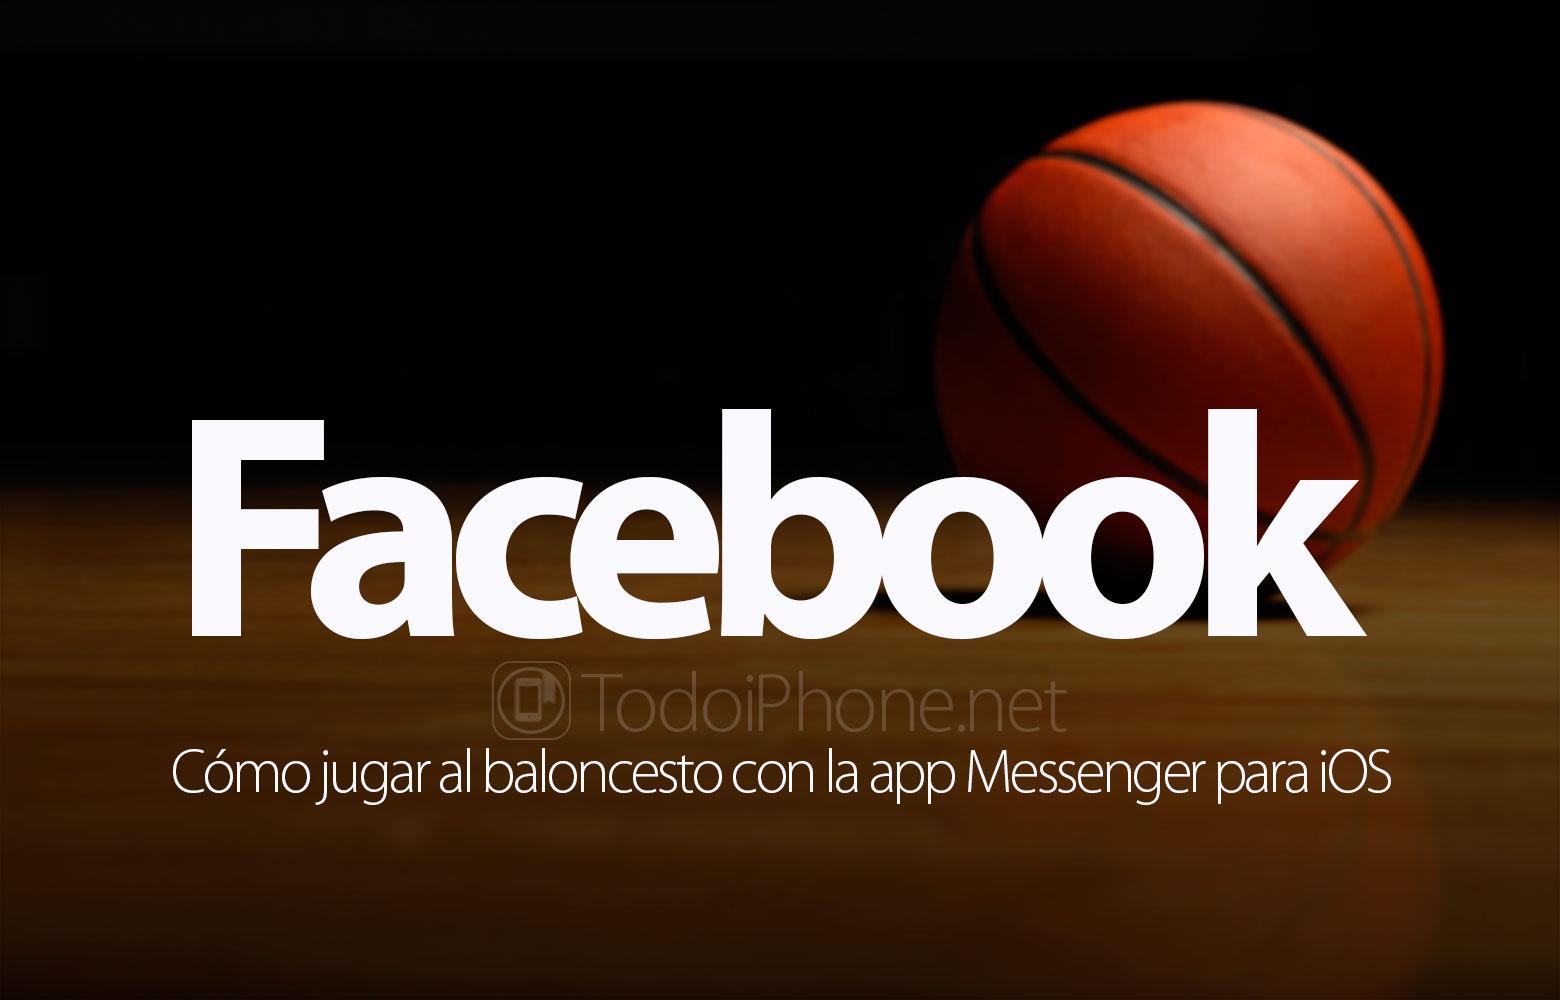 como-jugar-balonces-facebook-messenger-ios